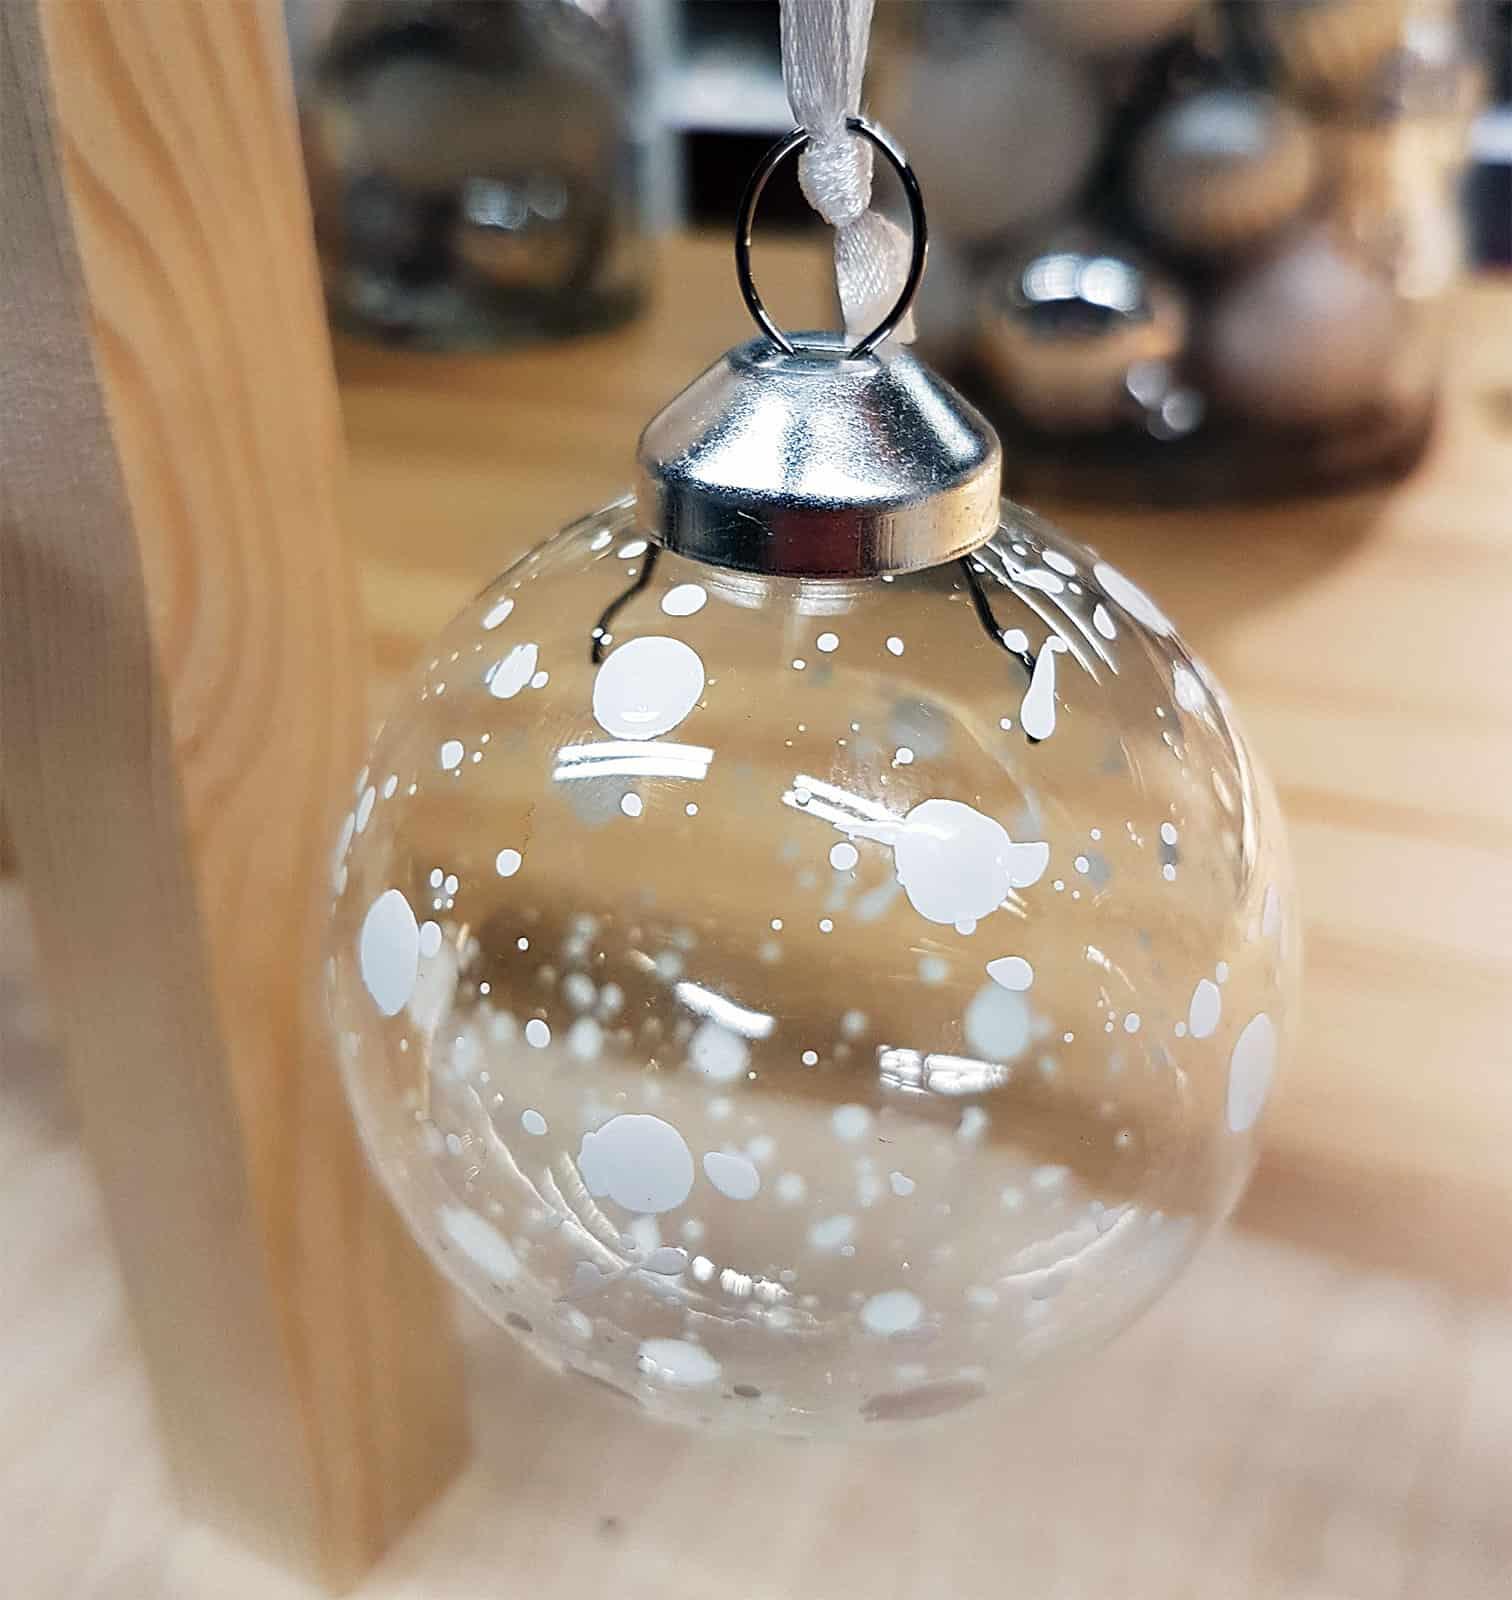 Transparente Christbaumkugeln.Durchsichtige Weihnachtskugeln Weihnachtsbaum Deko